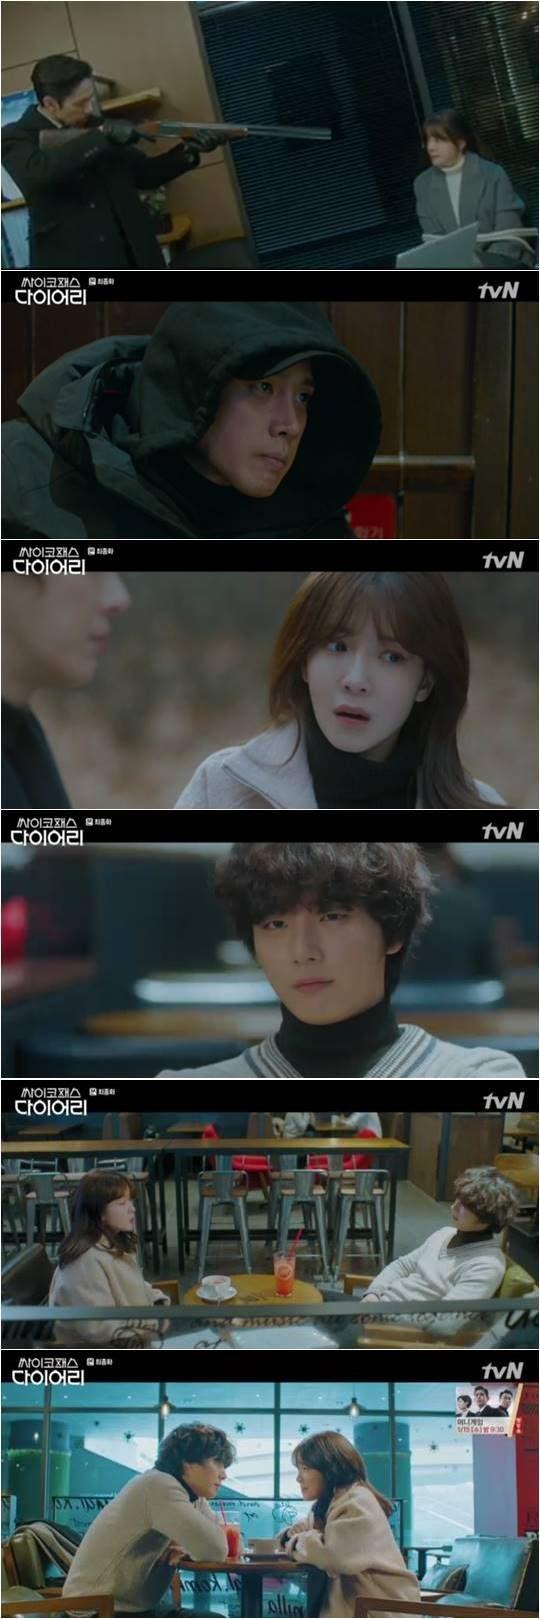 지난 9일 방영된 tvN 수목드라마 '싸이코패스 다이어리' 방송화면.